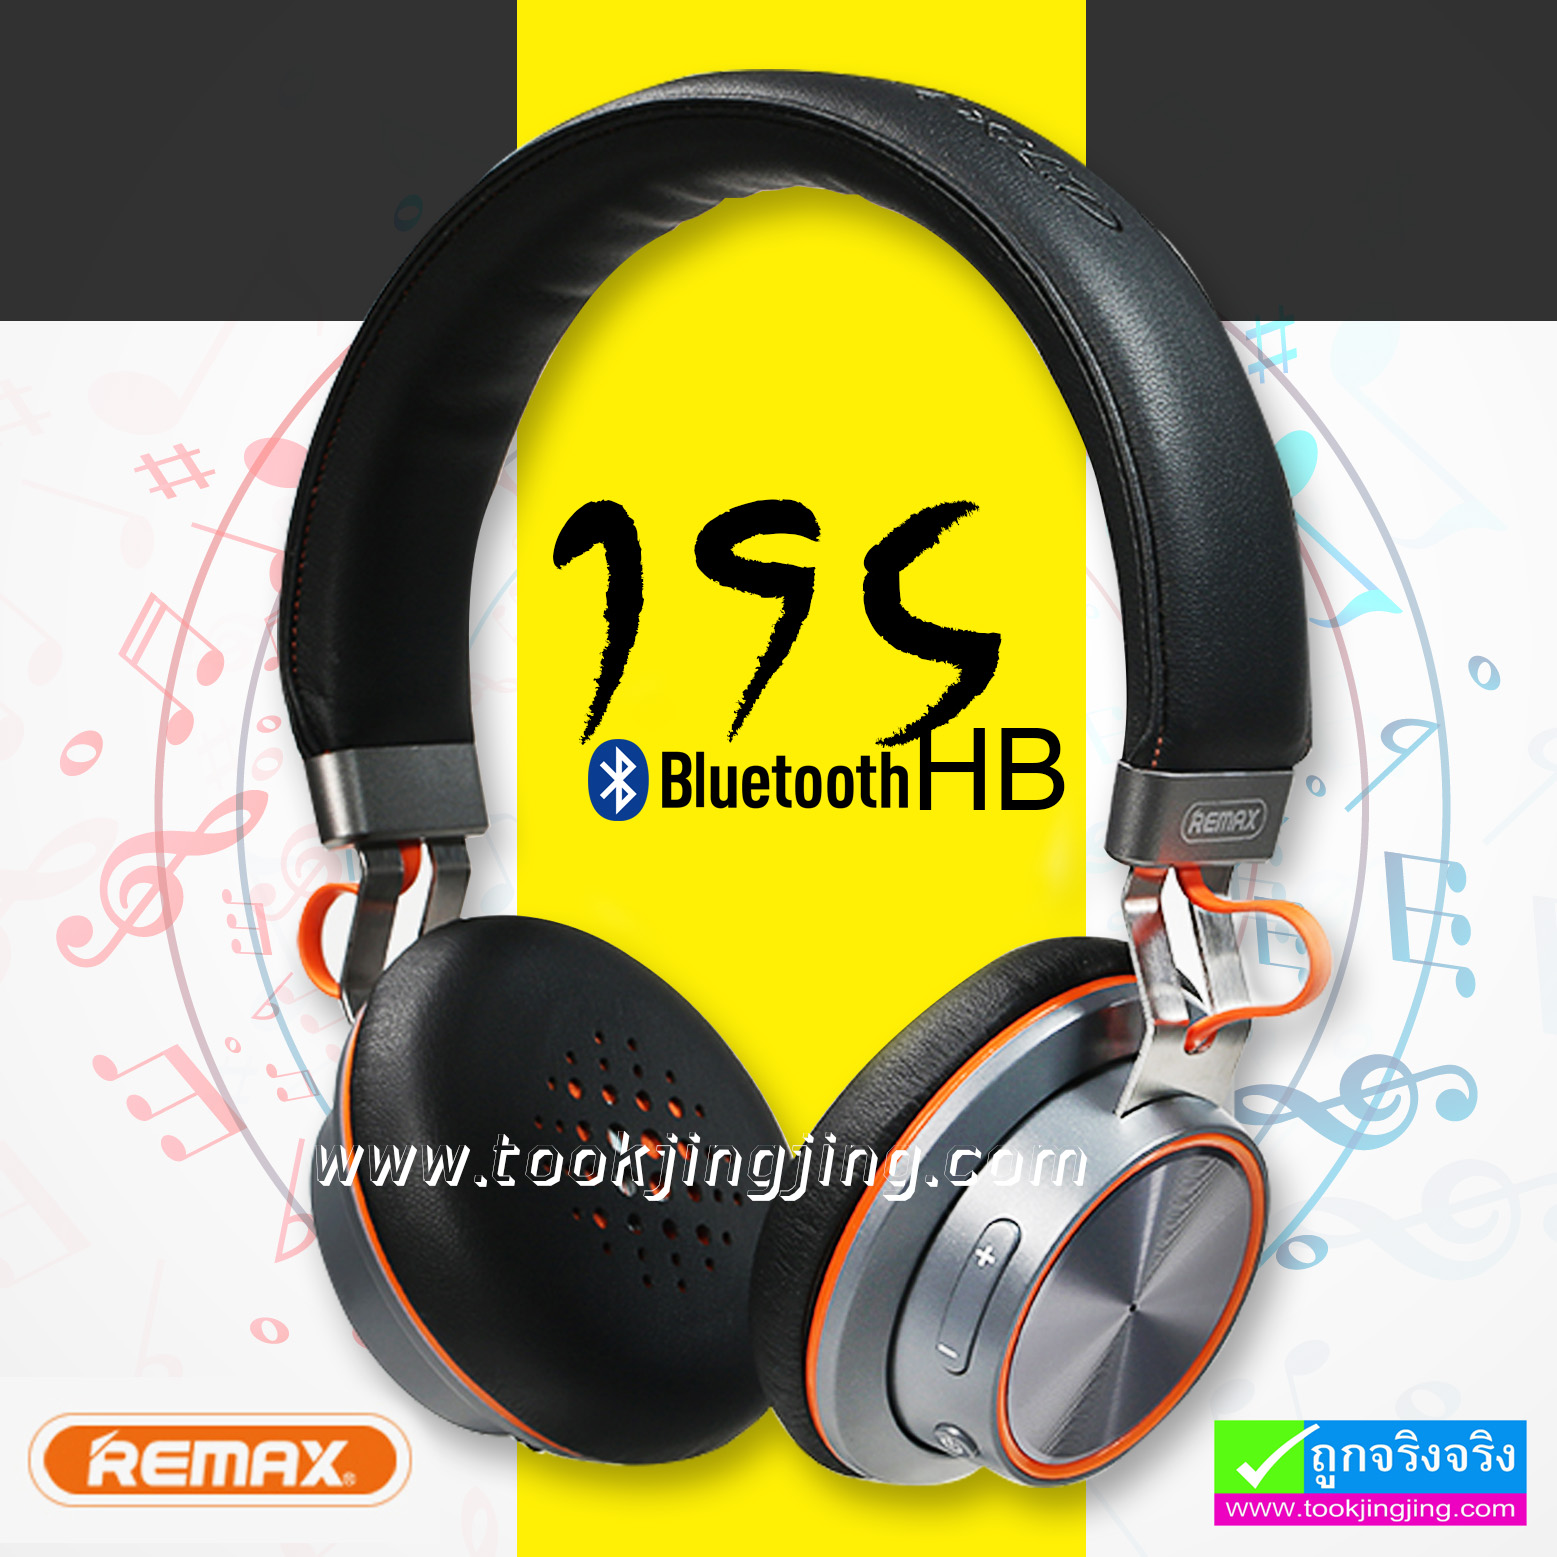 หูฟัง ครอบหู REMAX 195HB